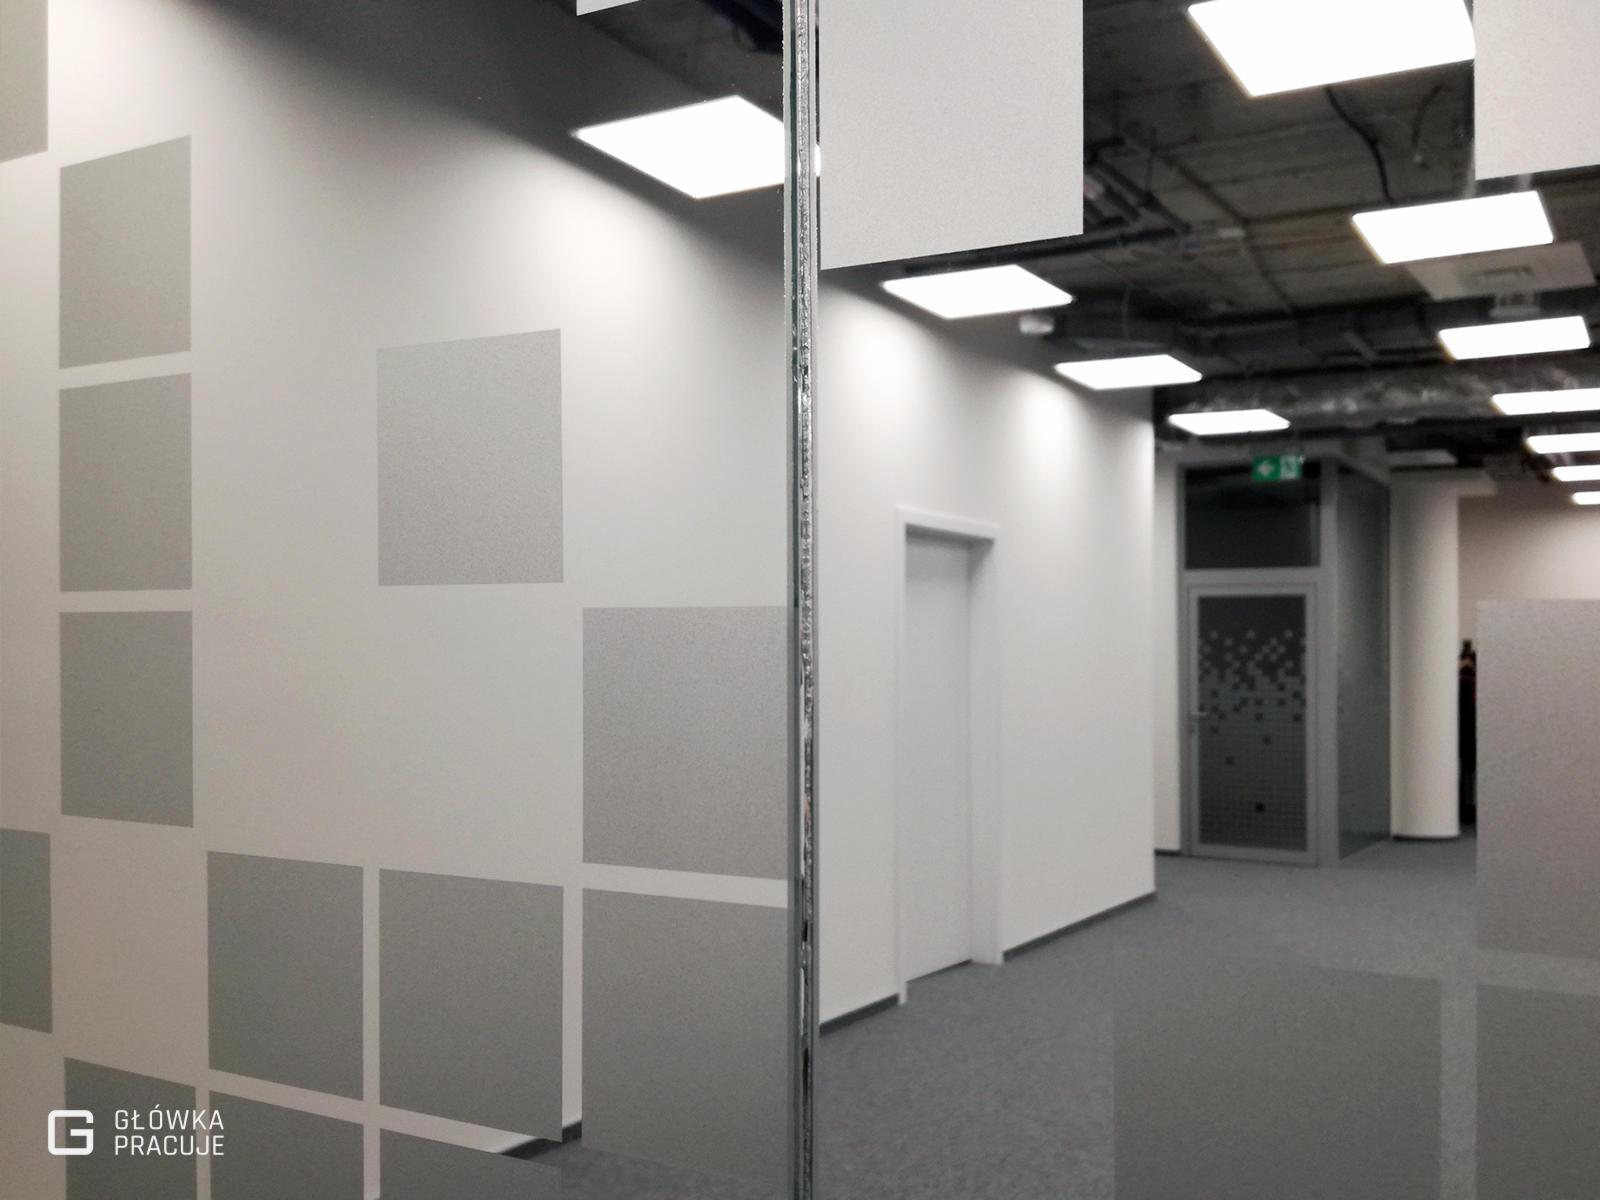 Główka Pracuje - folia mrożona z wyciętymi pikselami na szklaną ściankę w biurze - Warszawa